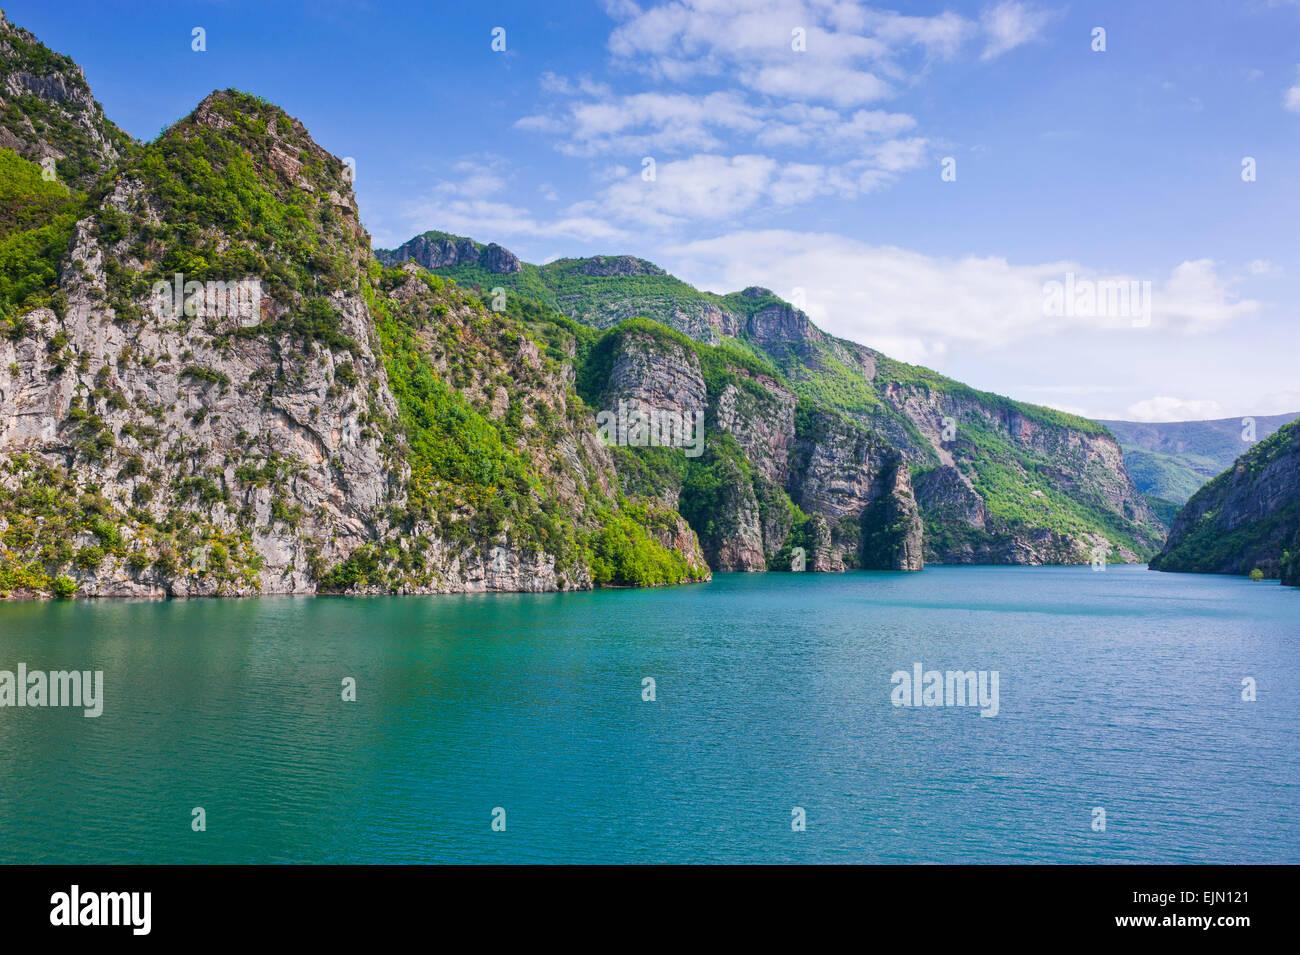 Koman water reservoir, Balkan, Albania - Stock Image